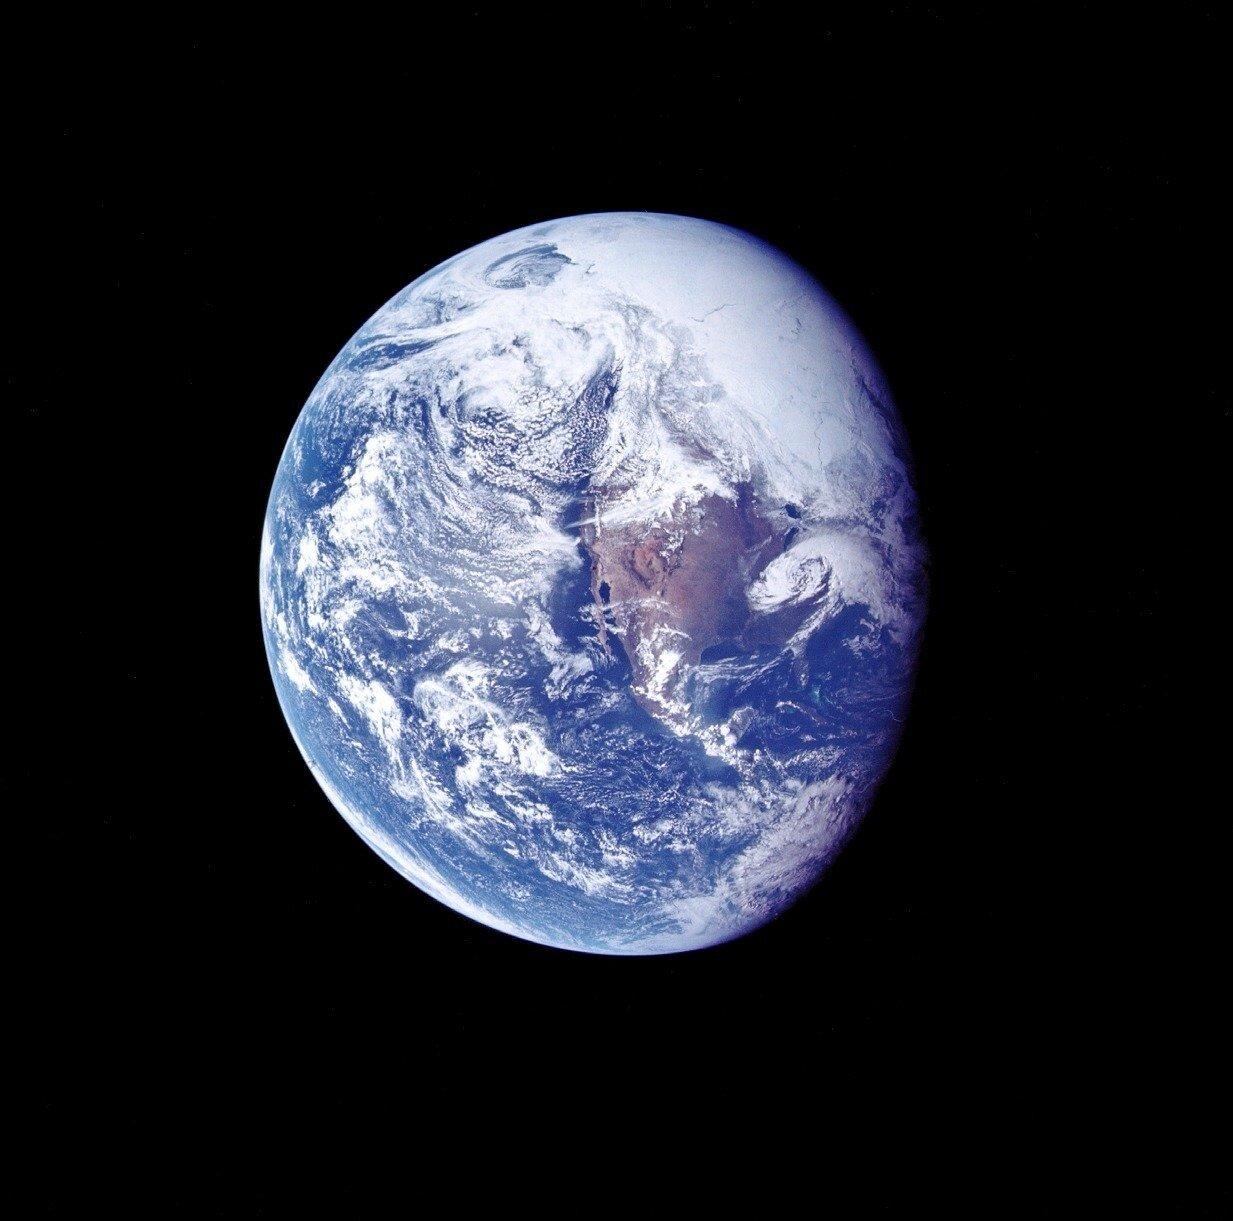 На второй день полёта, после подъёма экипажа, «Аполлон-16» находился на расстоянии около 182 000 км от Земли. На снимке: Фотография Земли, сделанная во время полёта «Аполлона-16» к Луне.